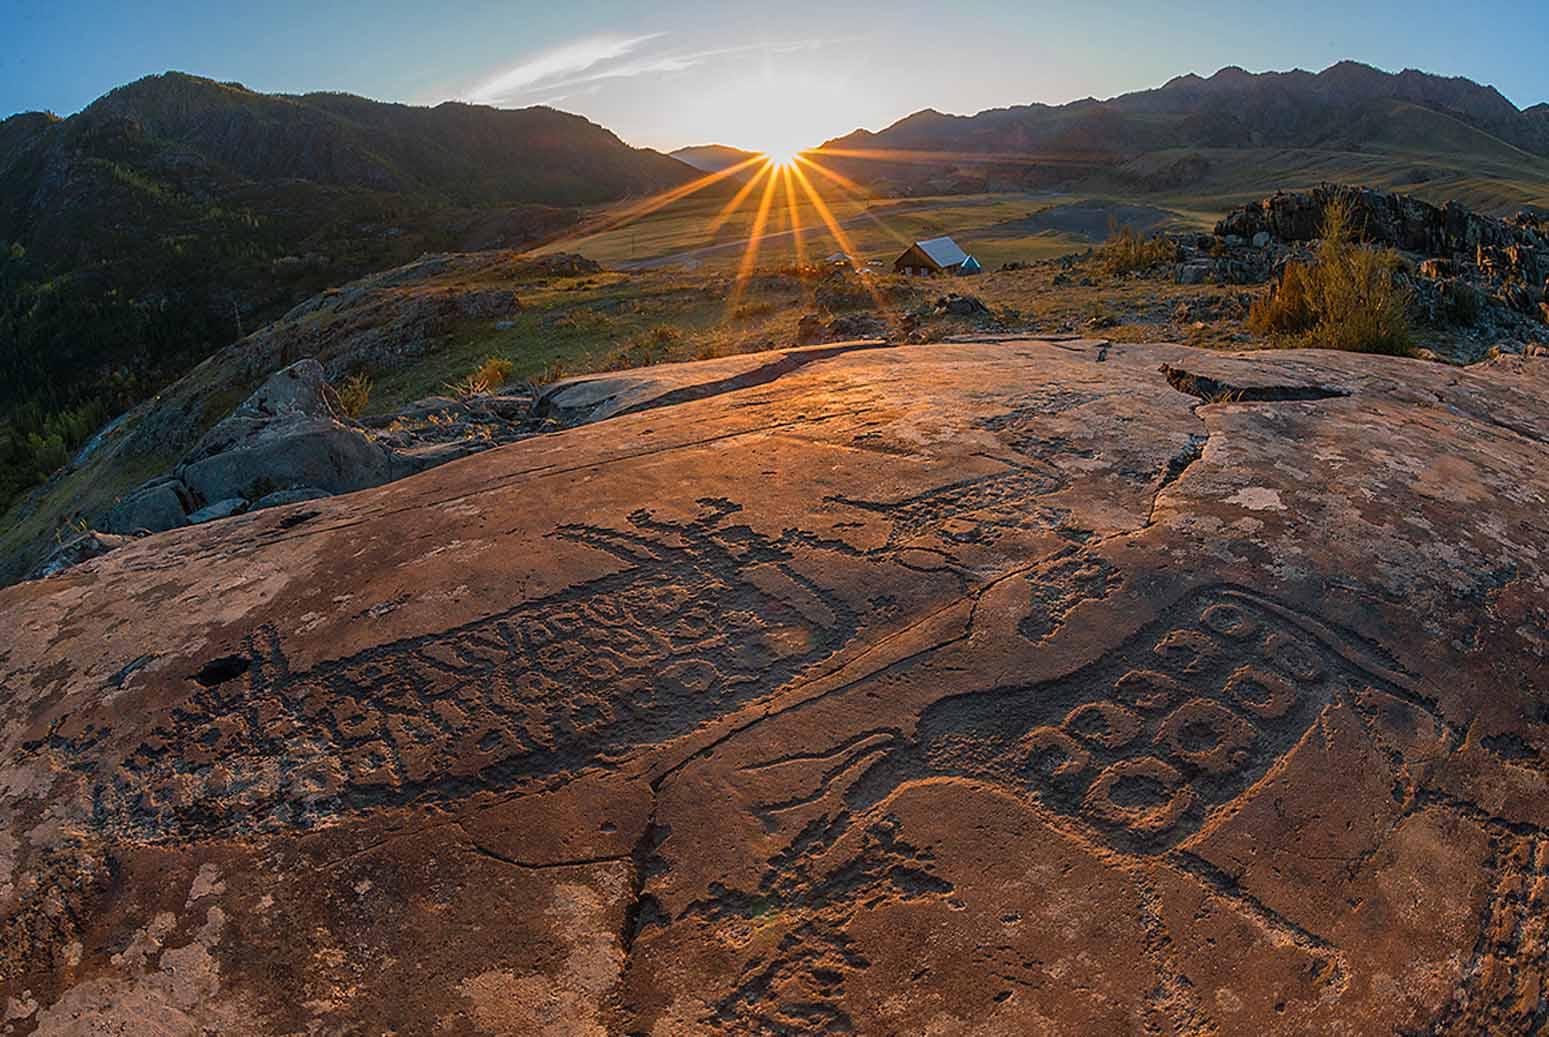 О чем свидетельствуют загадочные каменные пирамиды на Дальнем Востоке